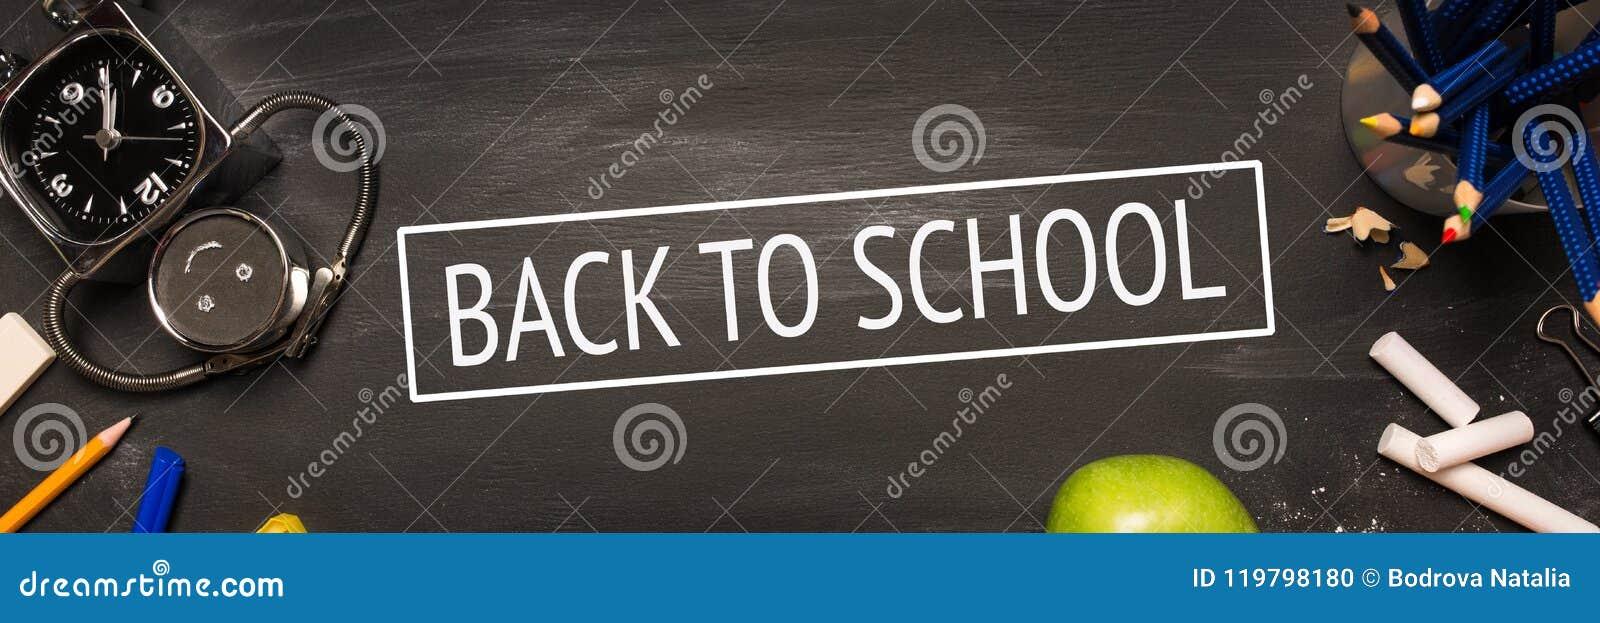 Fontes de escola, alarme, lápis, maçã no quadro preto